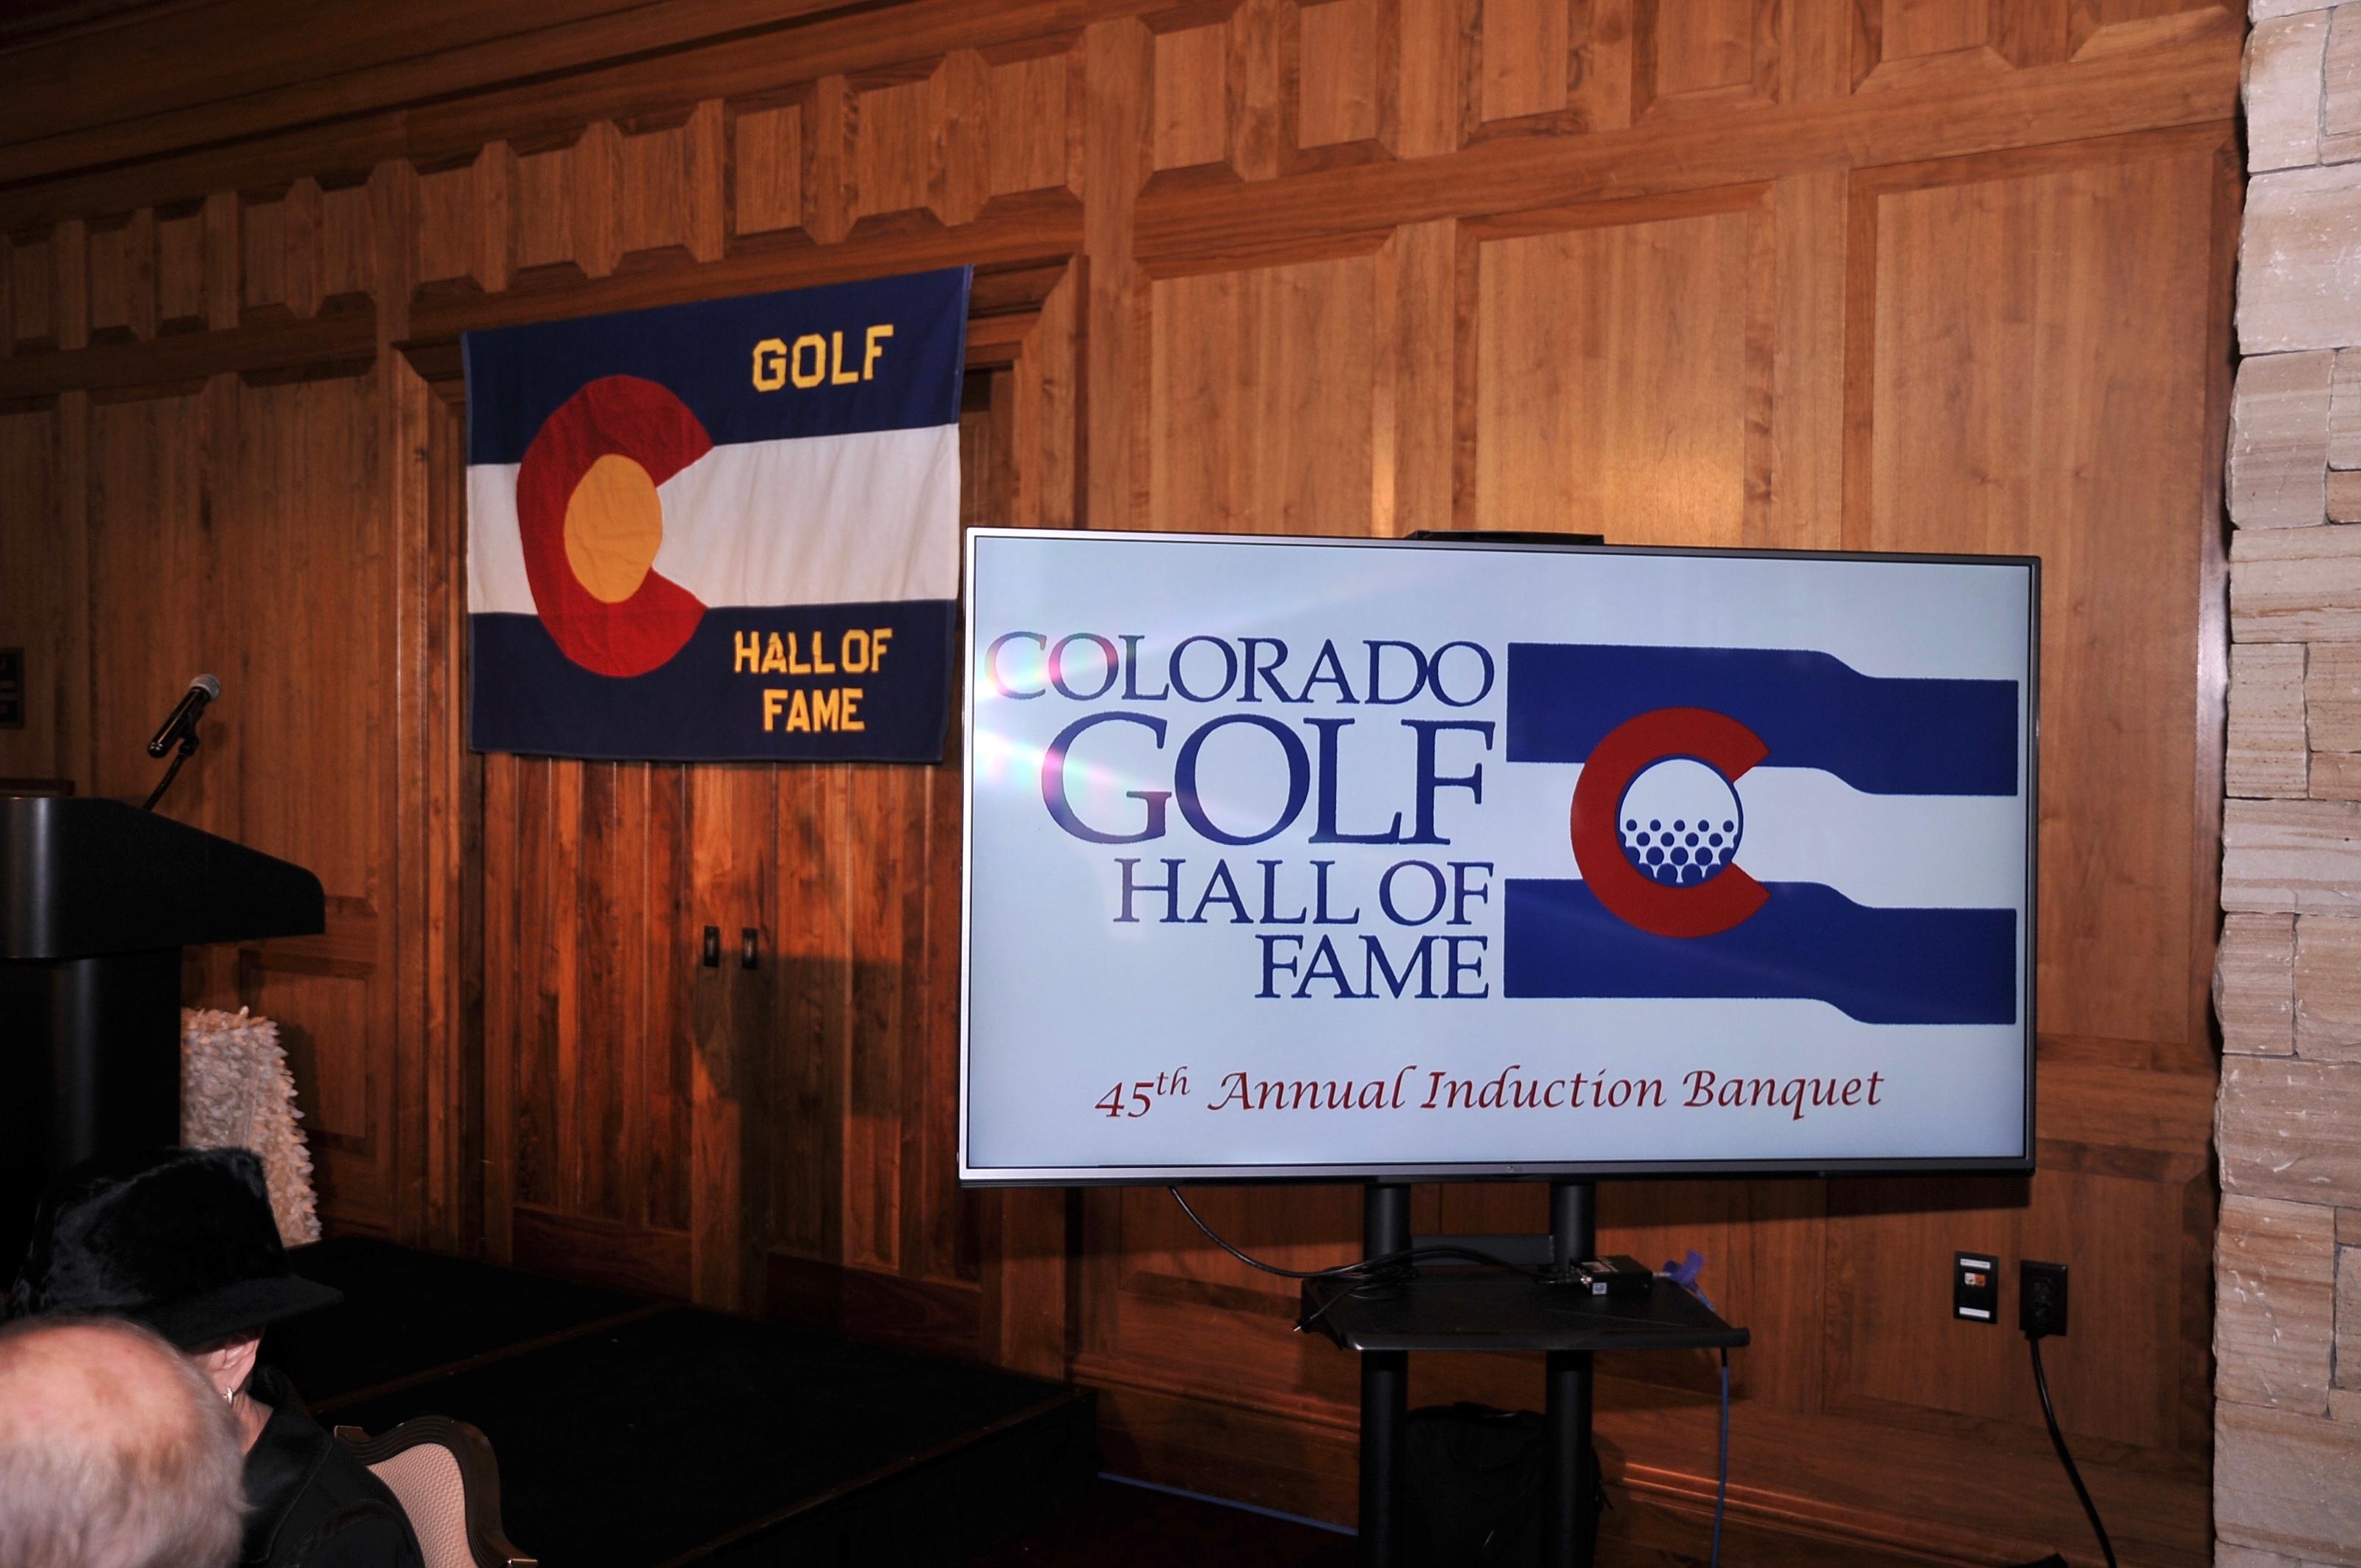 Colorado Golf HOF